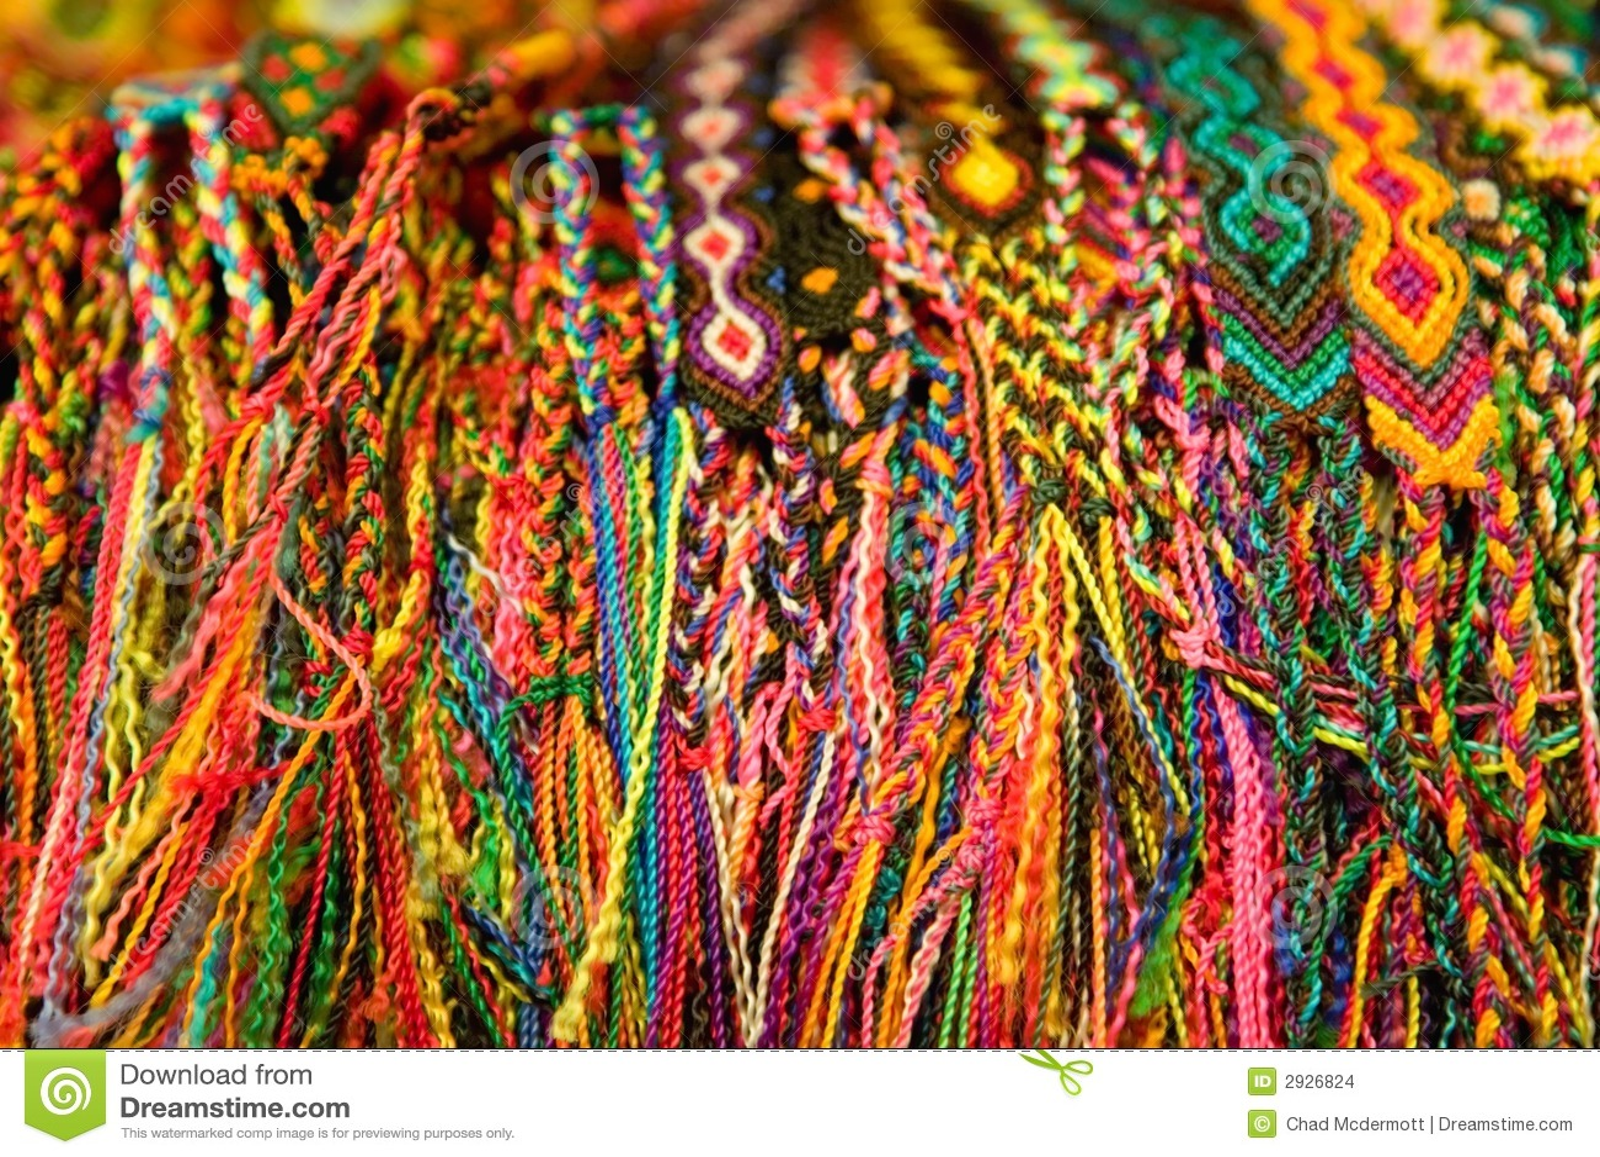 Imagenes de archivo: Pulseras tejidas mexicanas